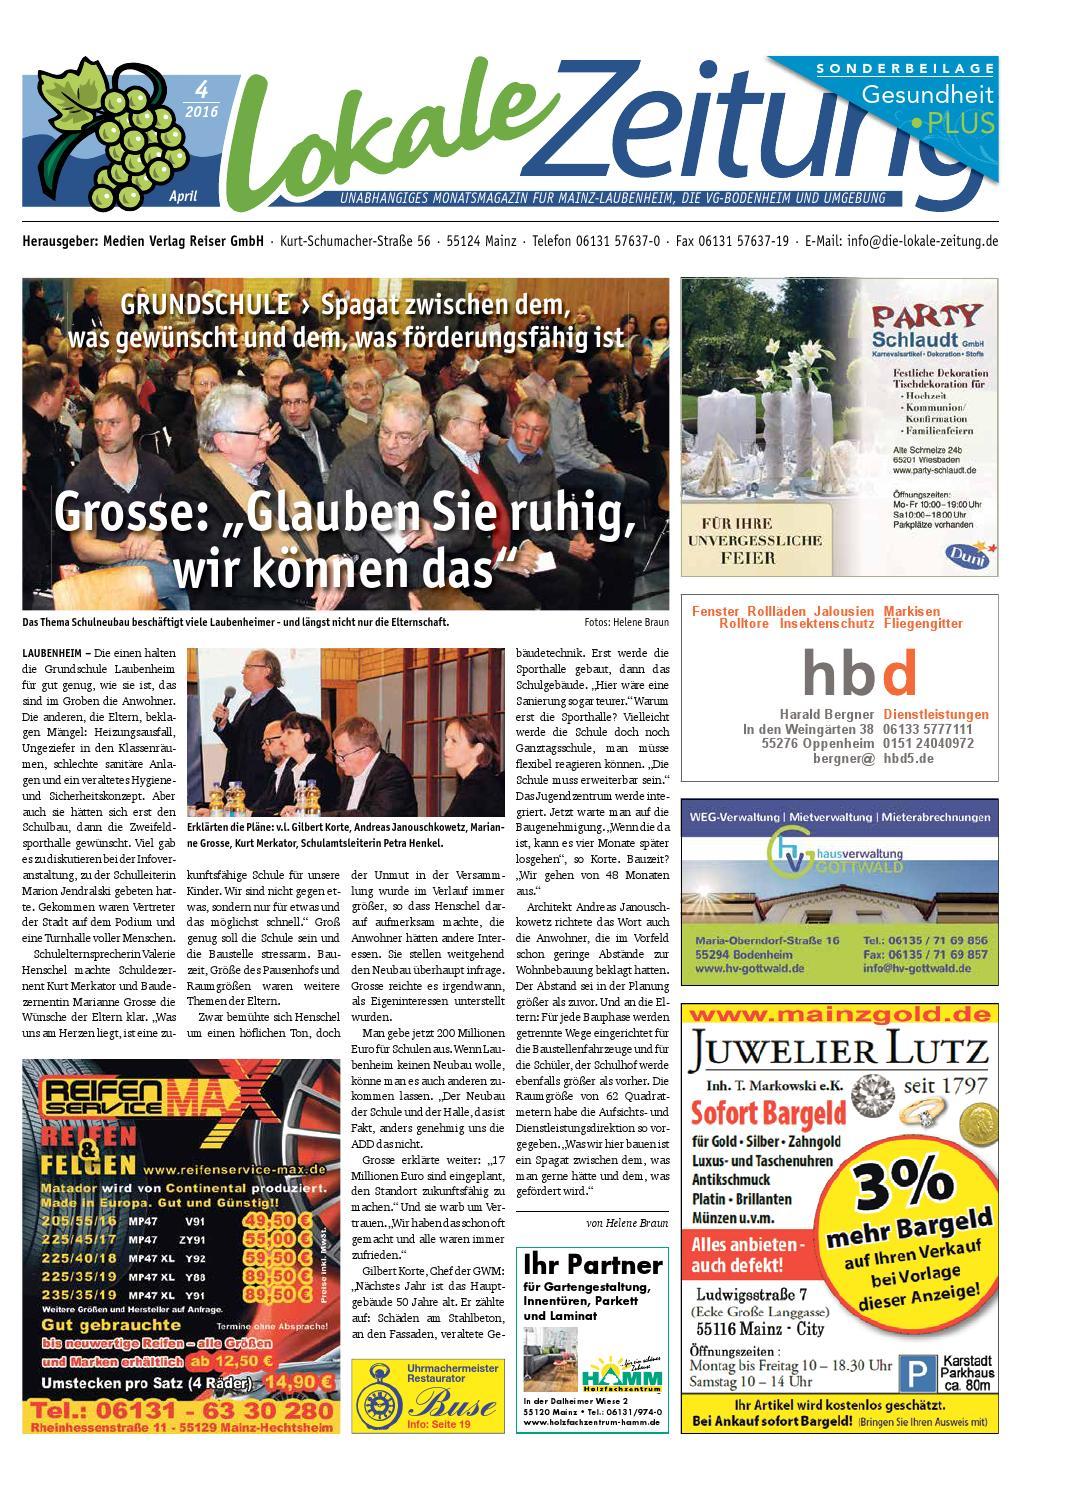 Lokale Zeitung Laubenheim VG-Bodenheim April 2016 by David Weiß - issuu